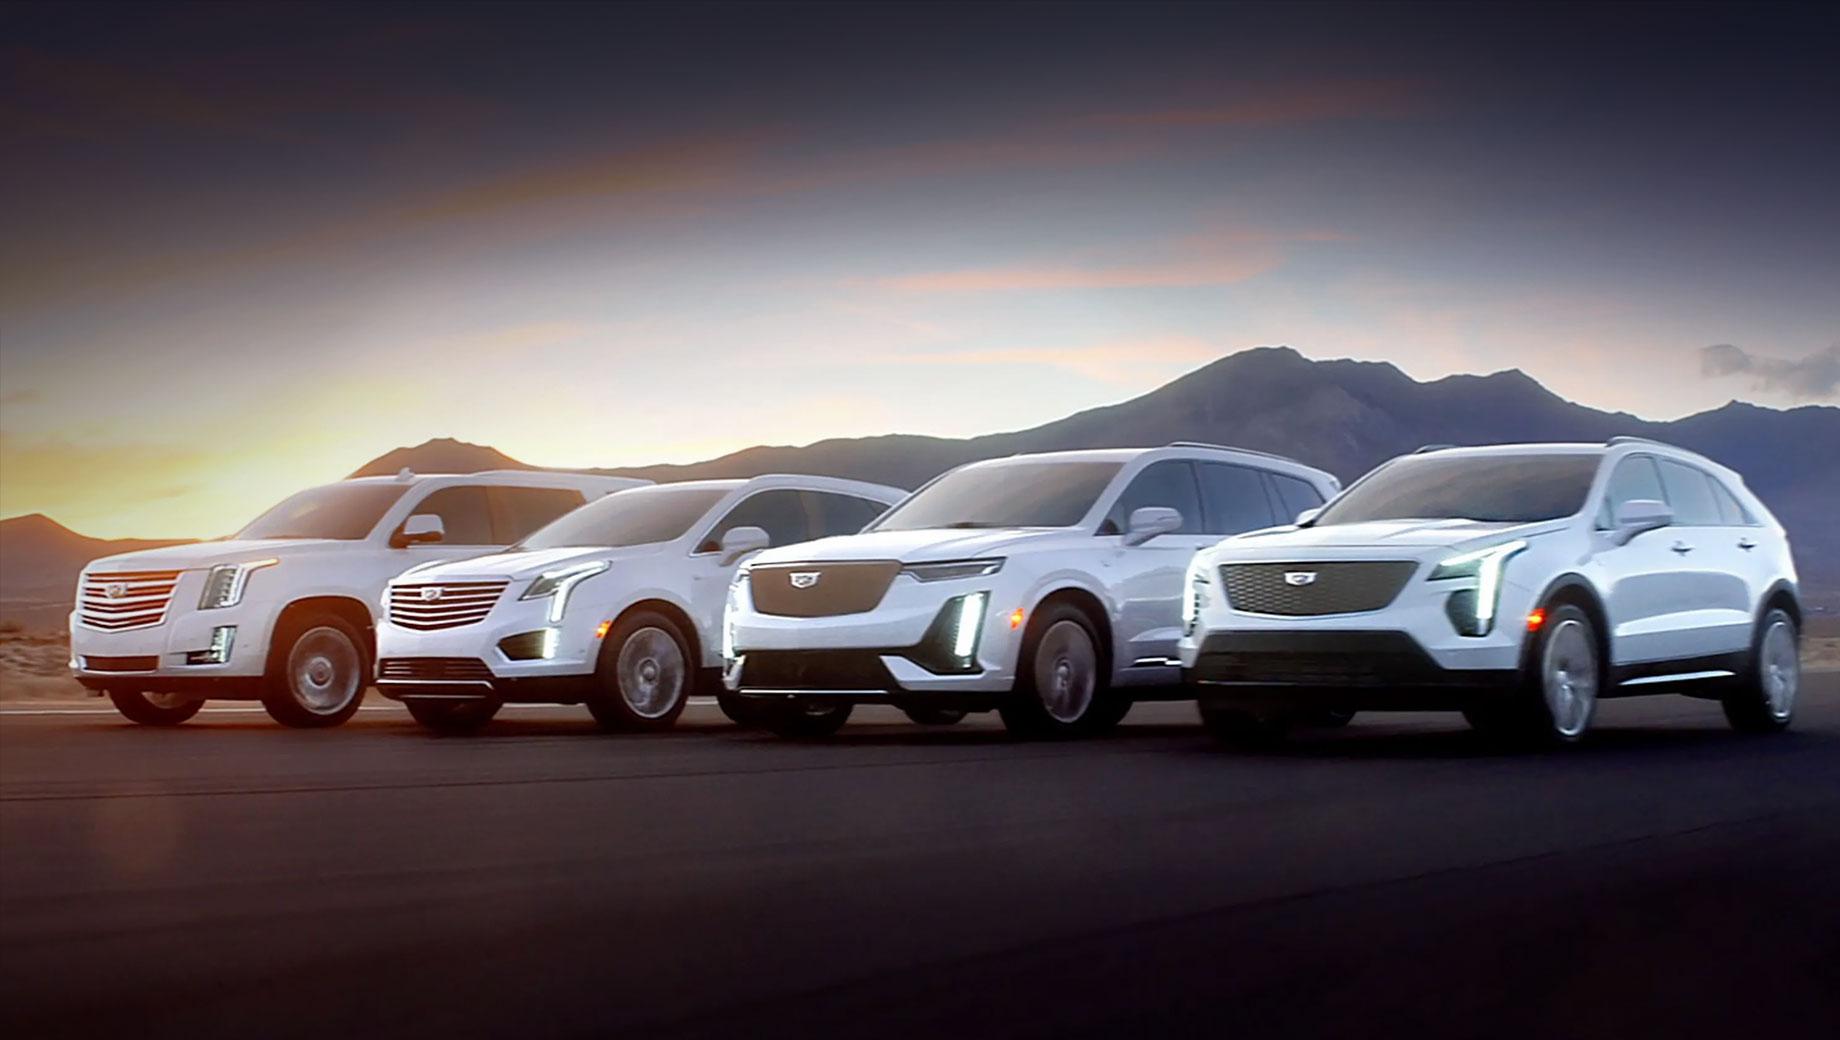 Промо: General Motors объявляет о партнерстве с Росбанком